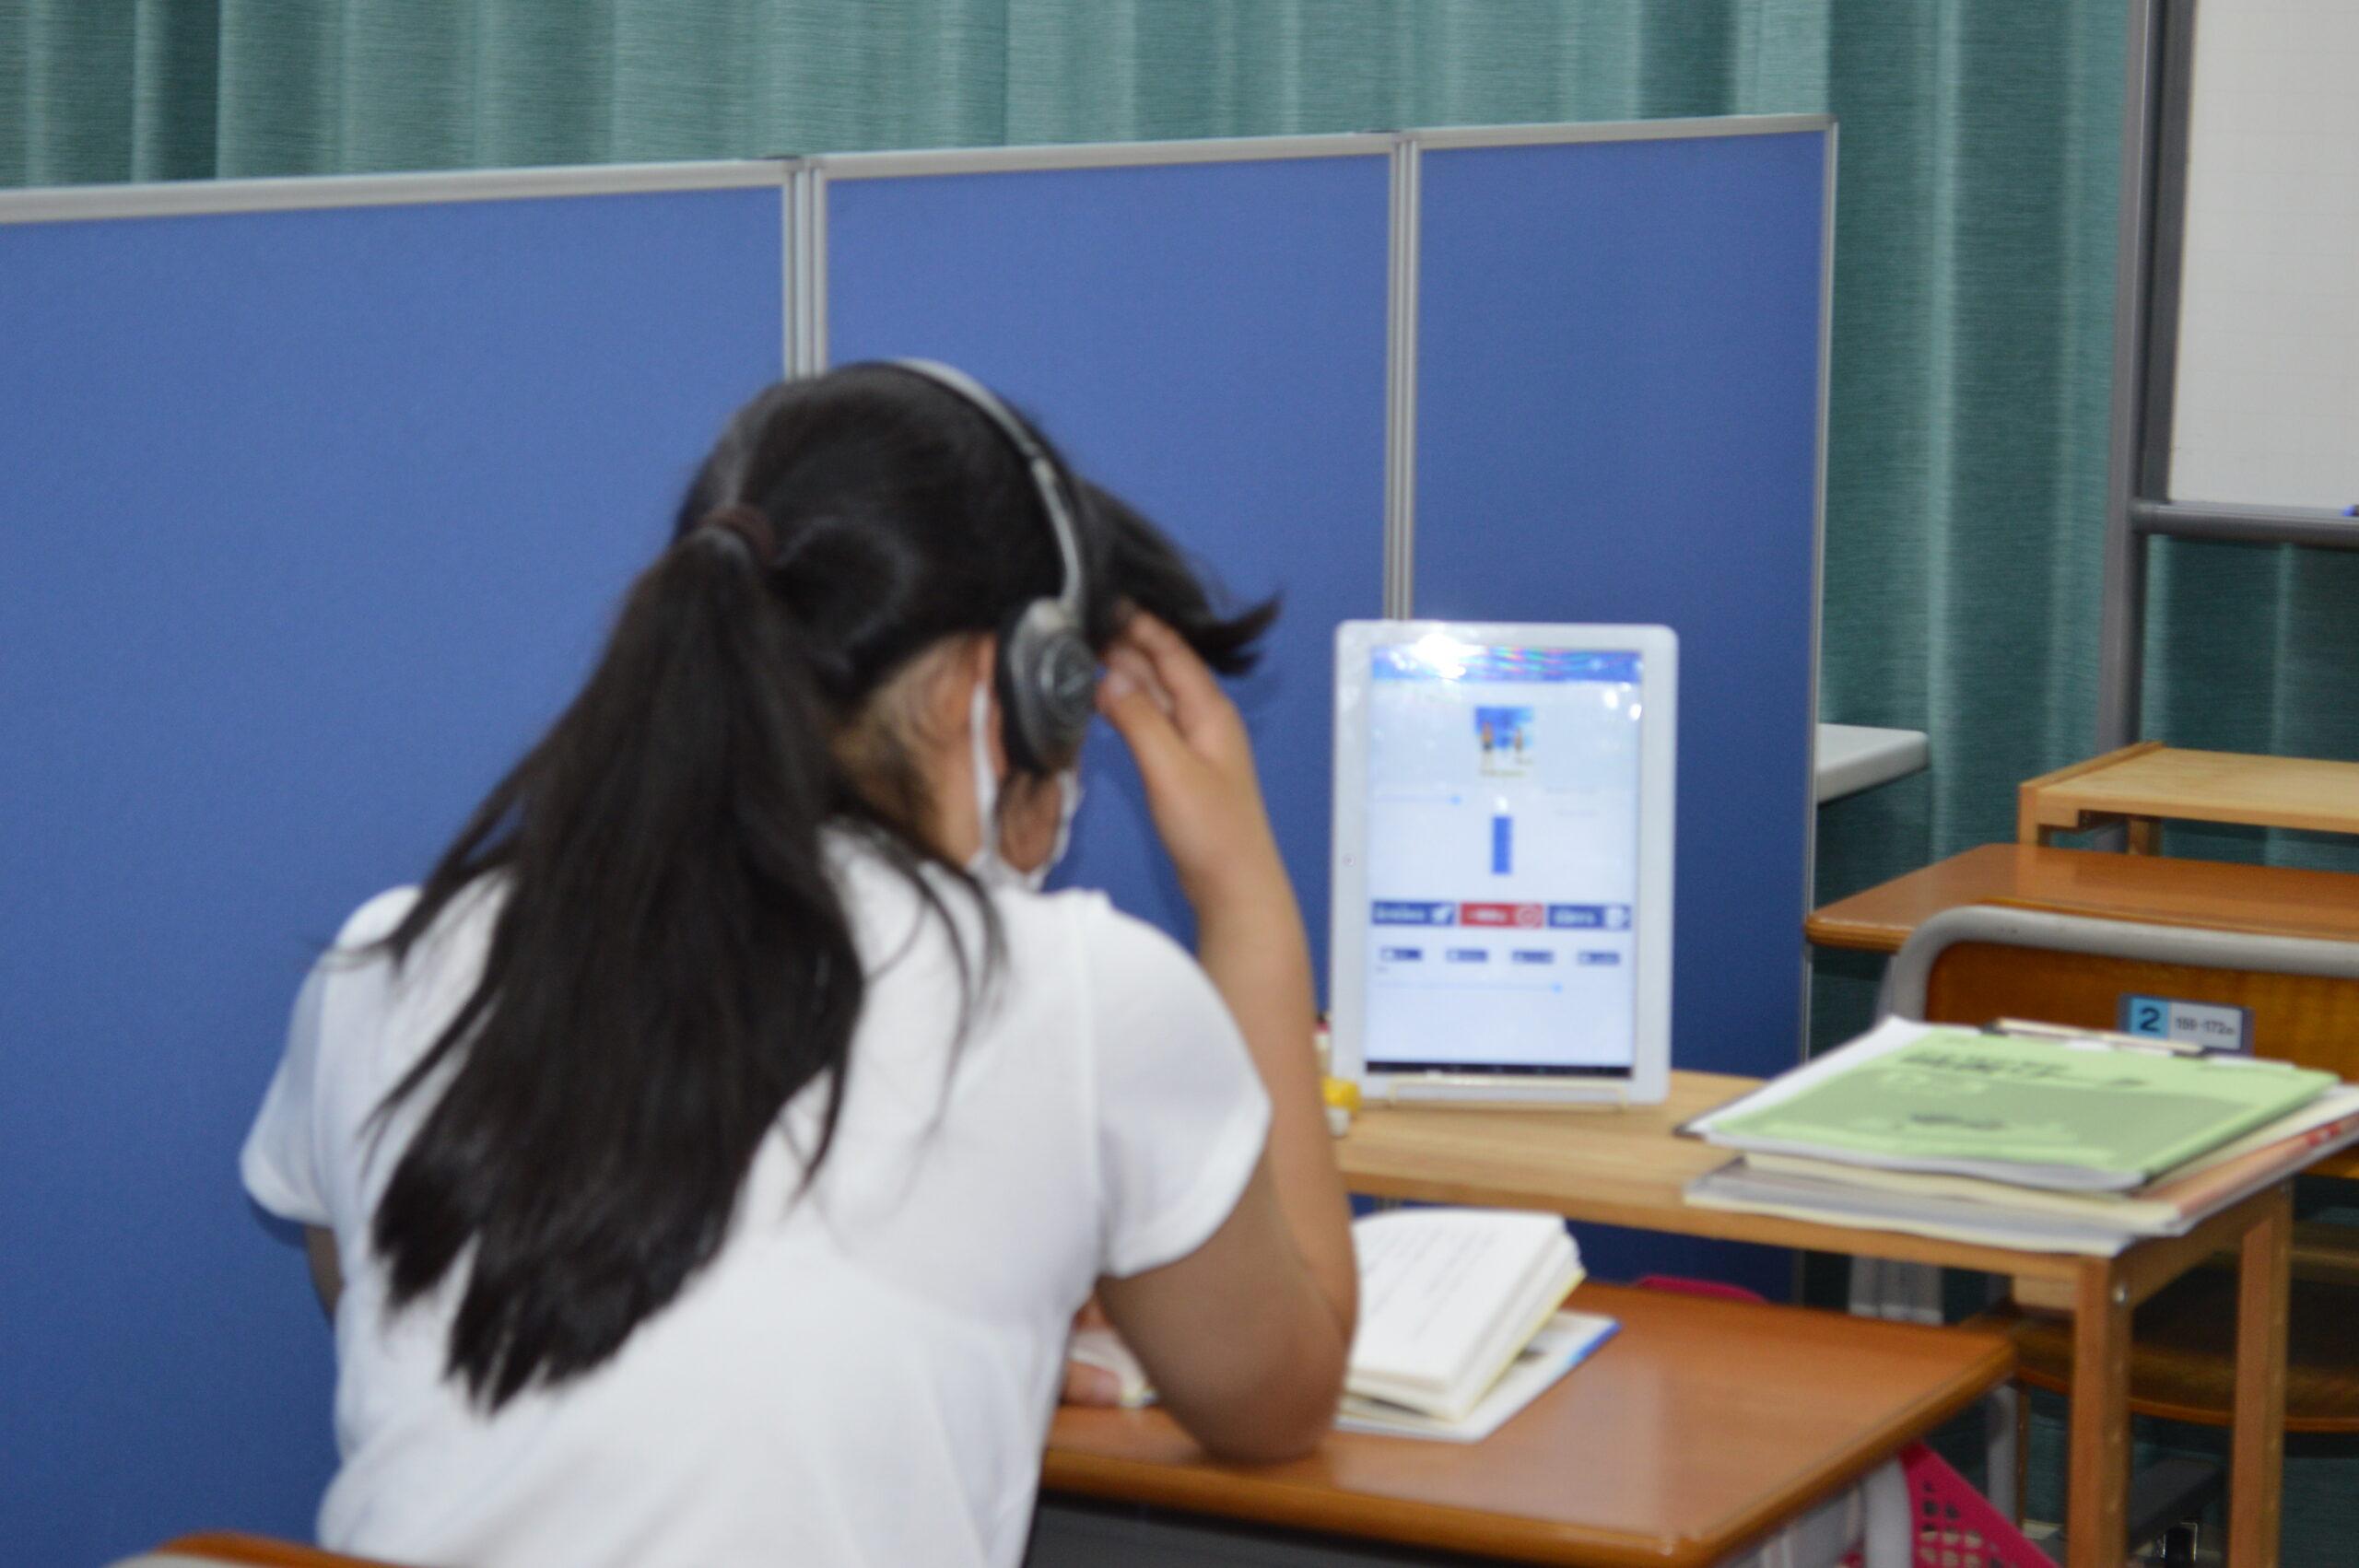 勉強は誰のためにするのだろうか?時には違う視点で考えてみよう。page-visual 勉強は誰のためにするのだろうか?時には違う視点で考えてみよう。ビジュアル